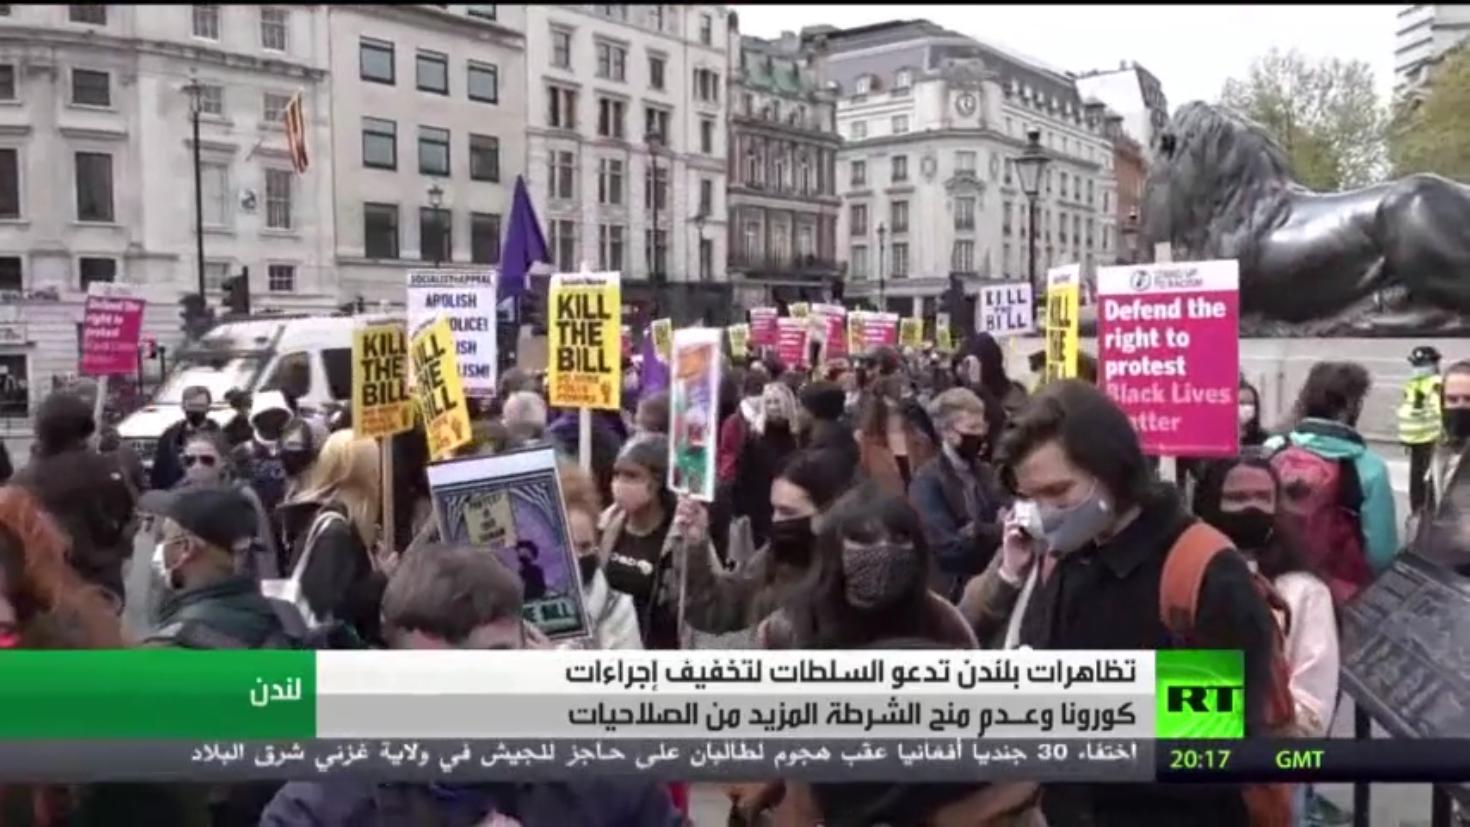 لندن.. تظاهرات ترفض منح الشرطة صلاحيات أكبر